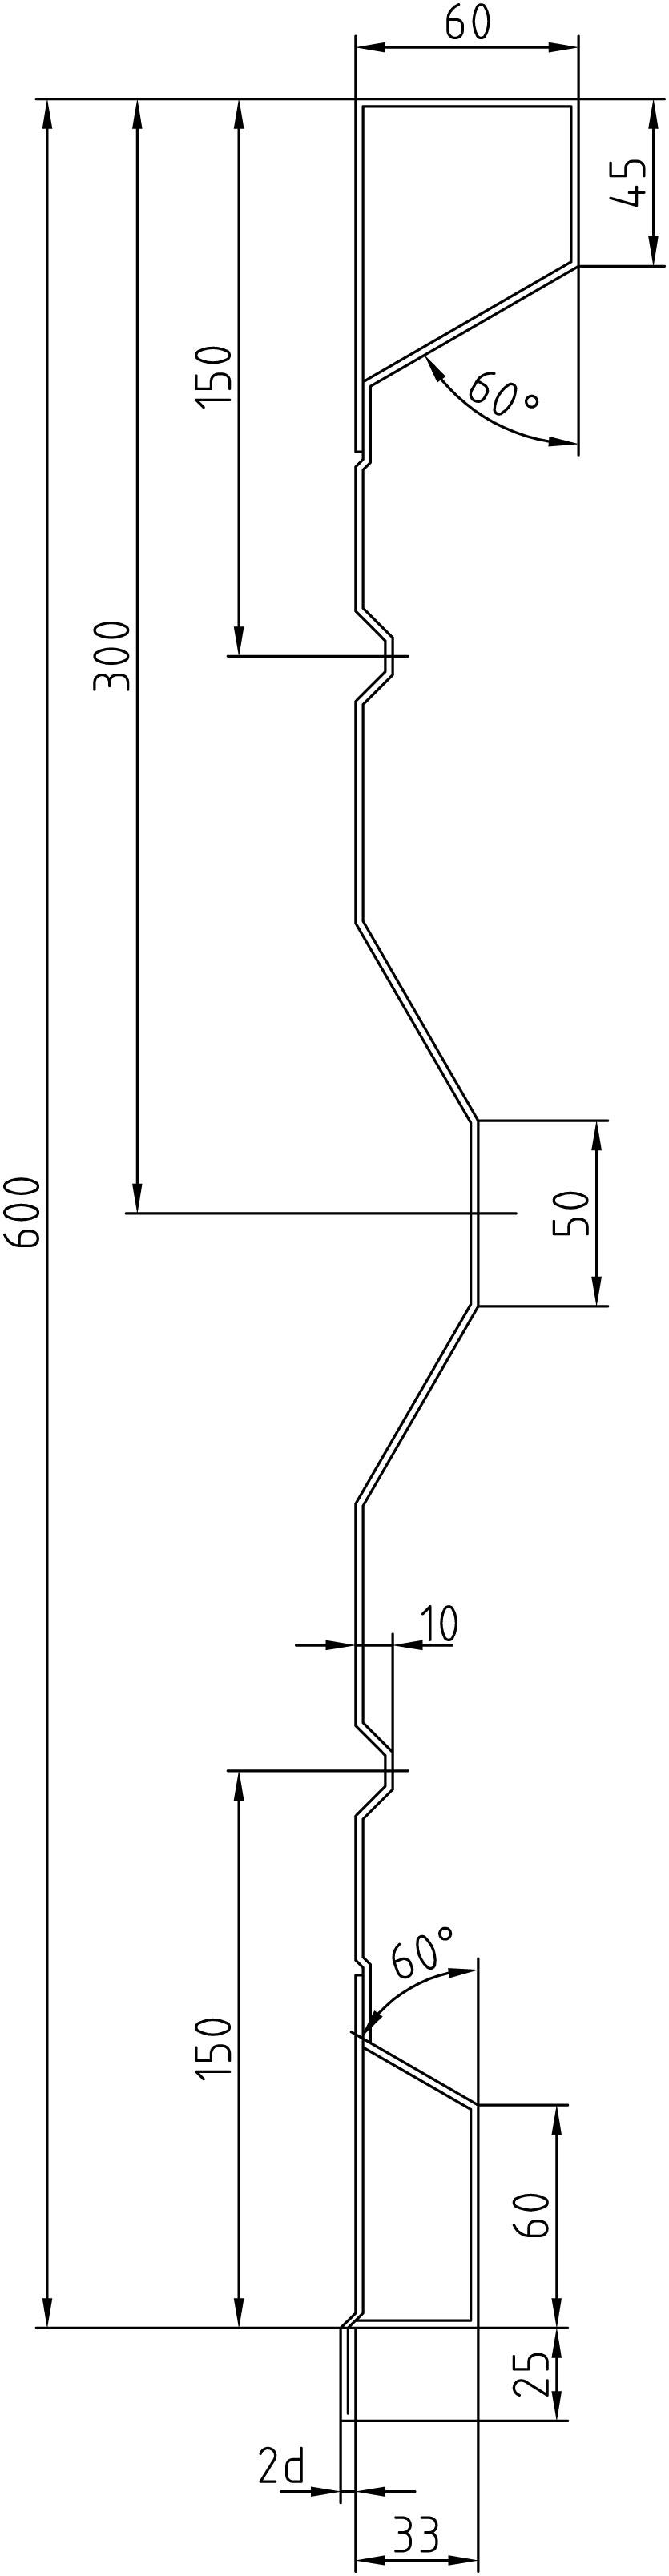 Brantner Kipper und Anhänger - 600x2x4920 AW samt EL ohne PW- Bolzen rechts